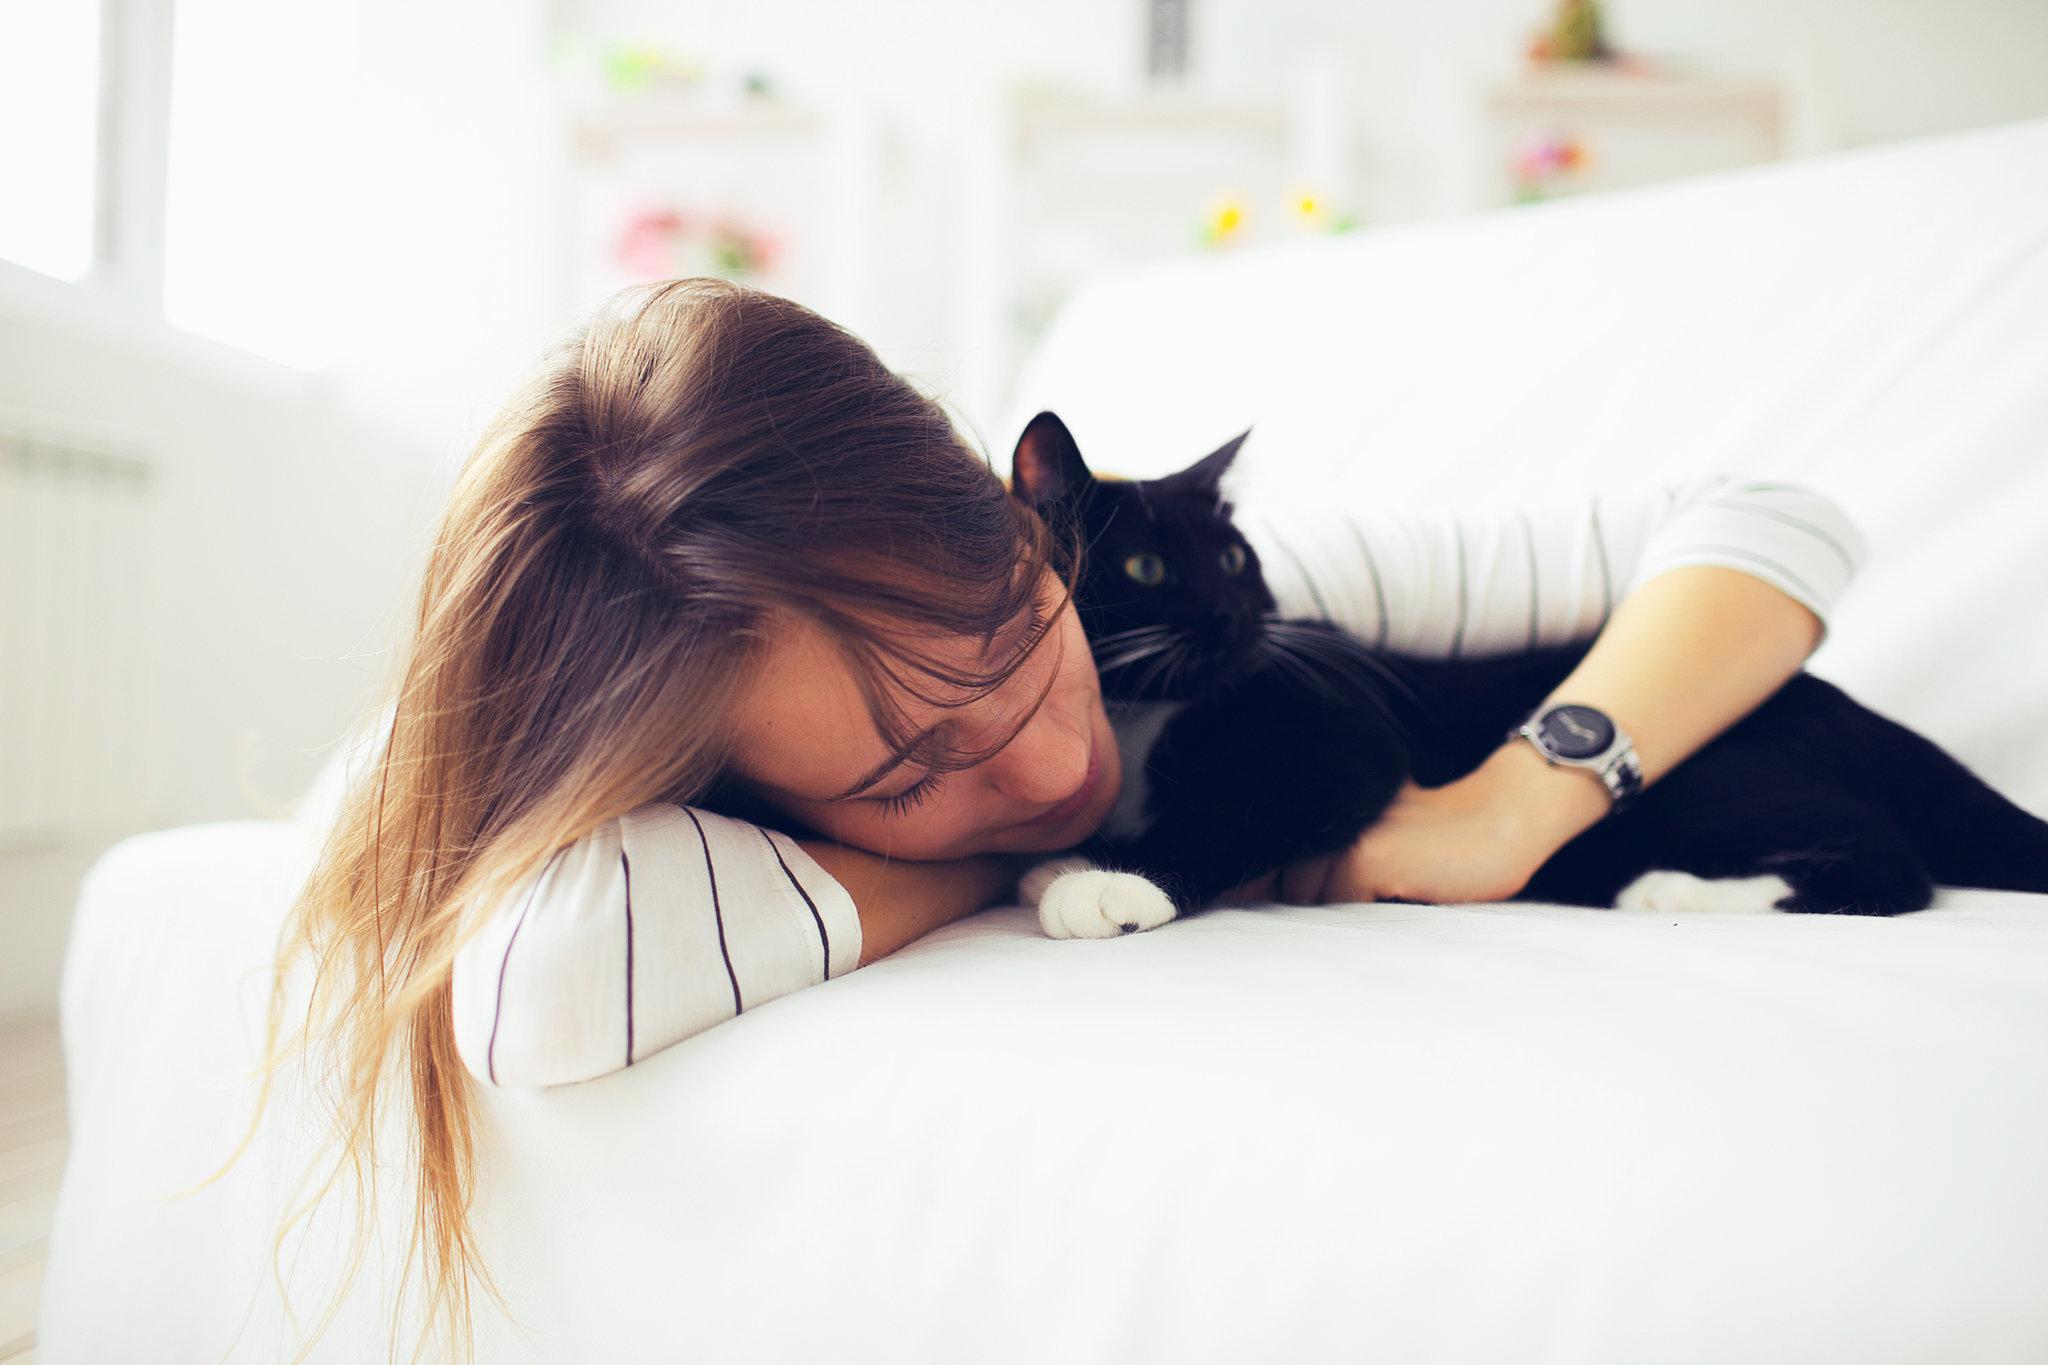 Спящая девушка дома 27 фотография